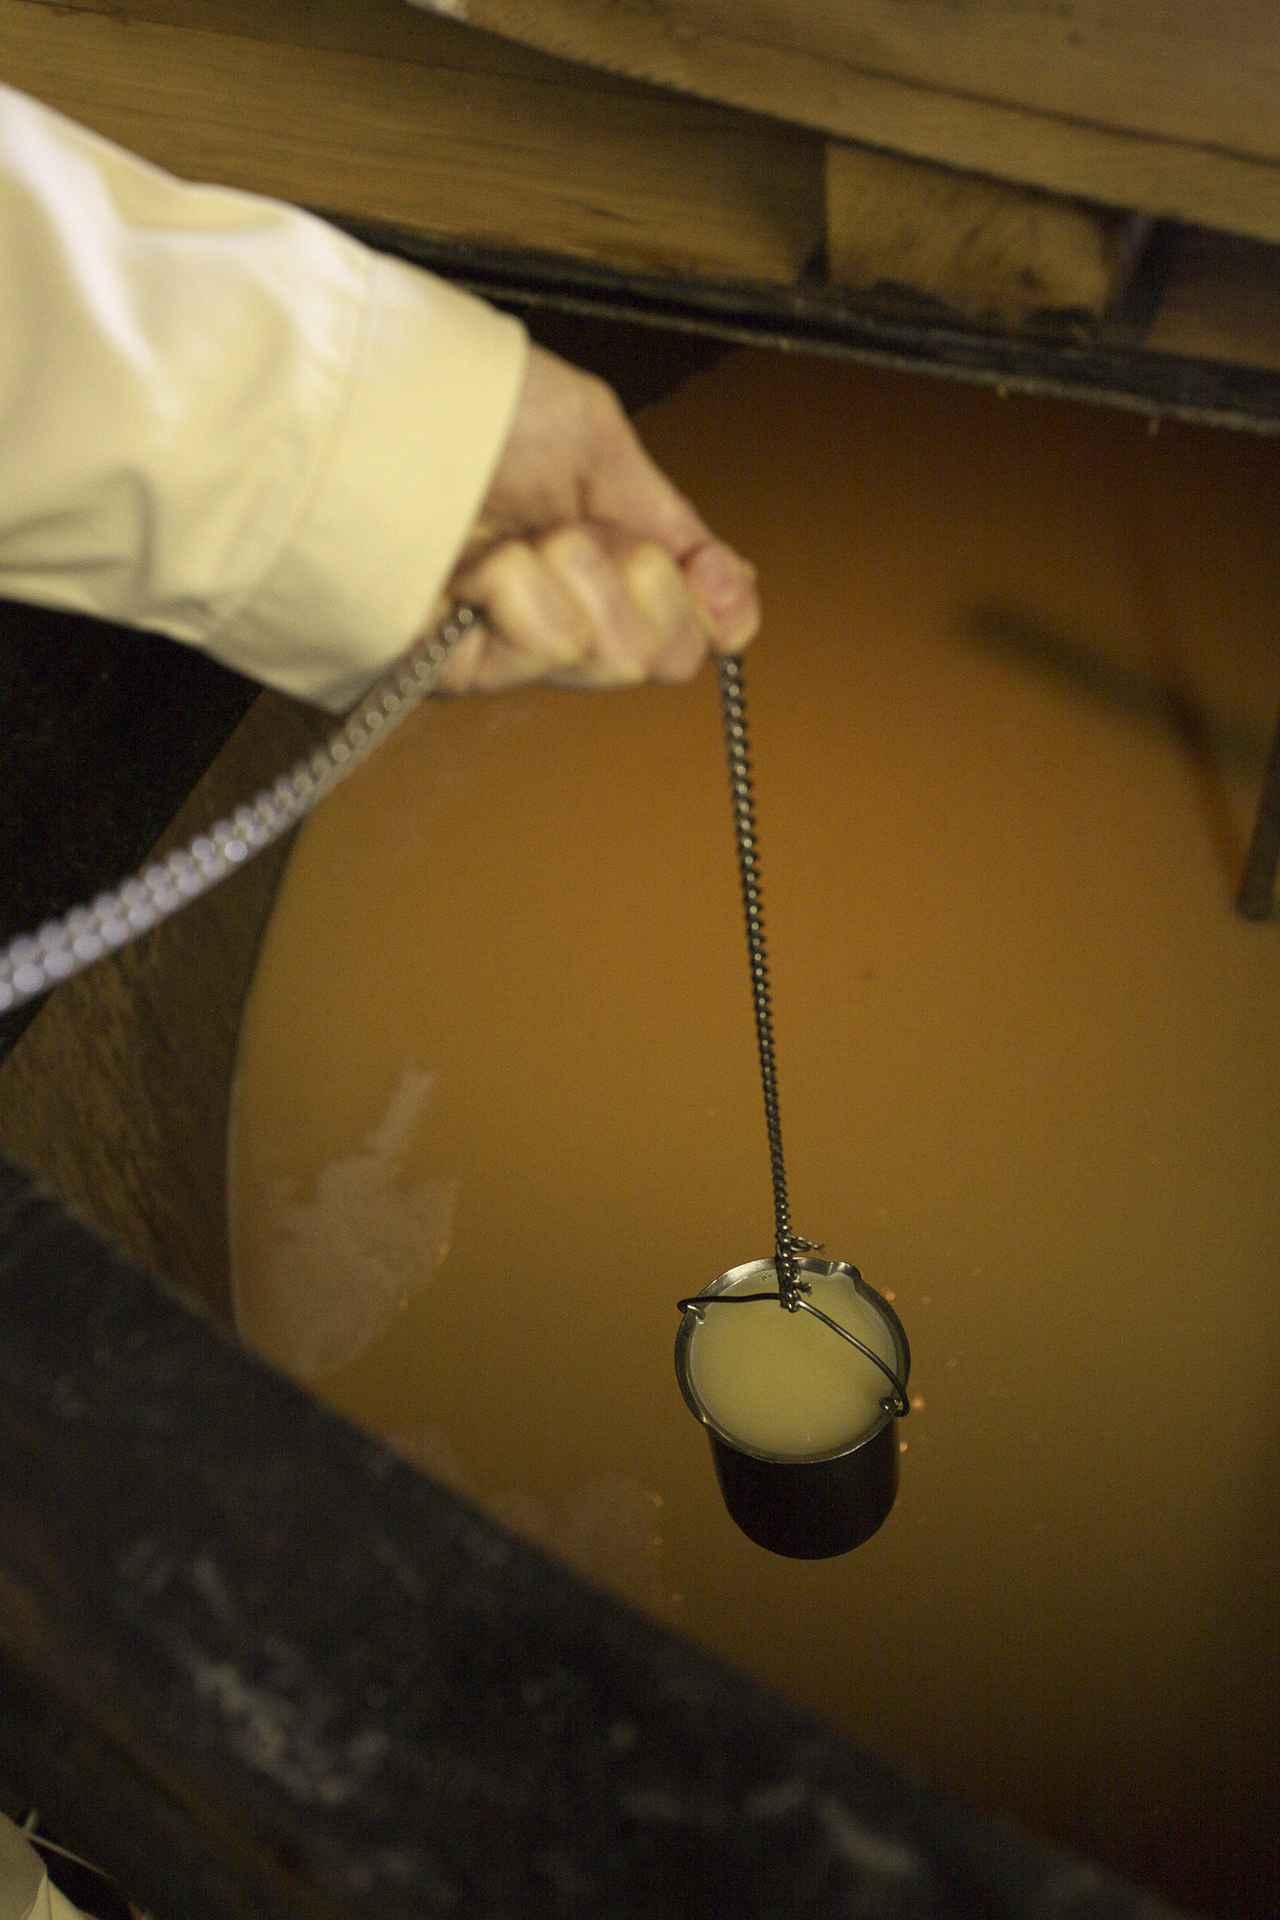 画像2: 【体験レポ】シングルモルトウイスキー「山崎」のリモート工場見学に行ってみた♡